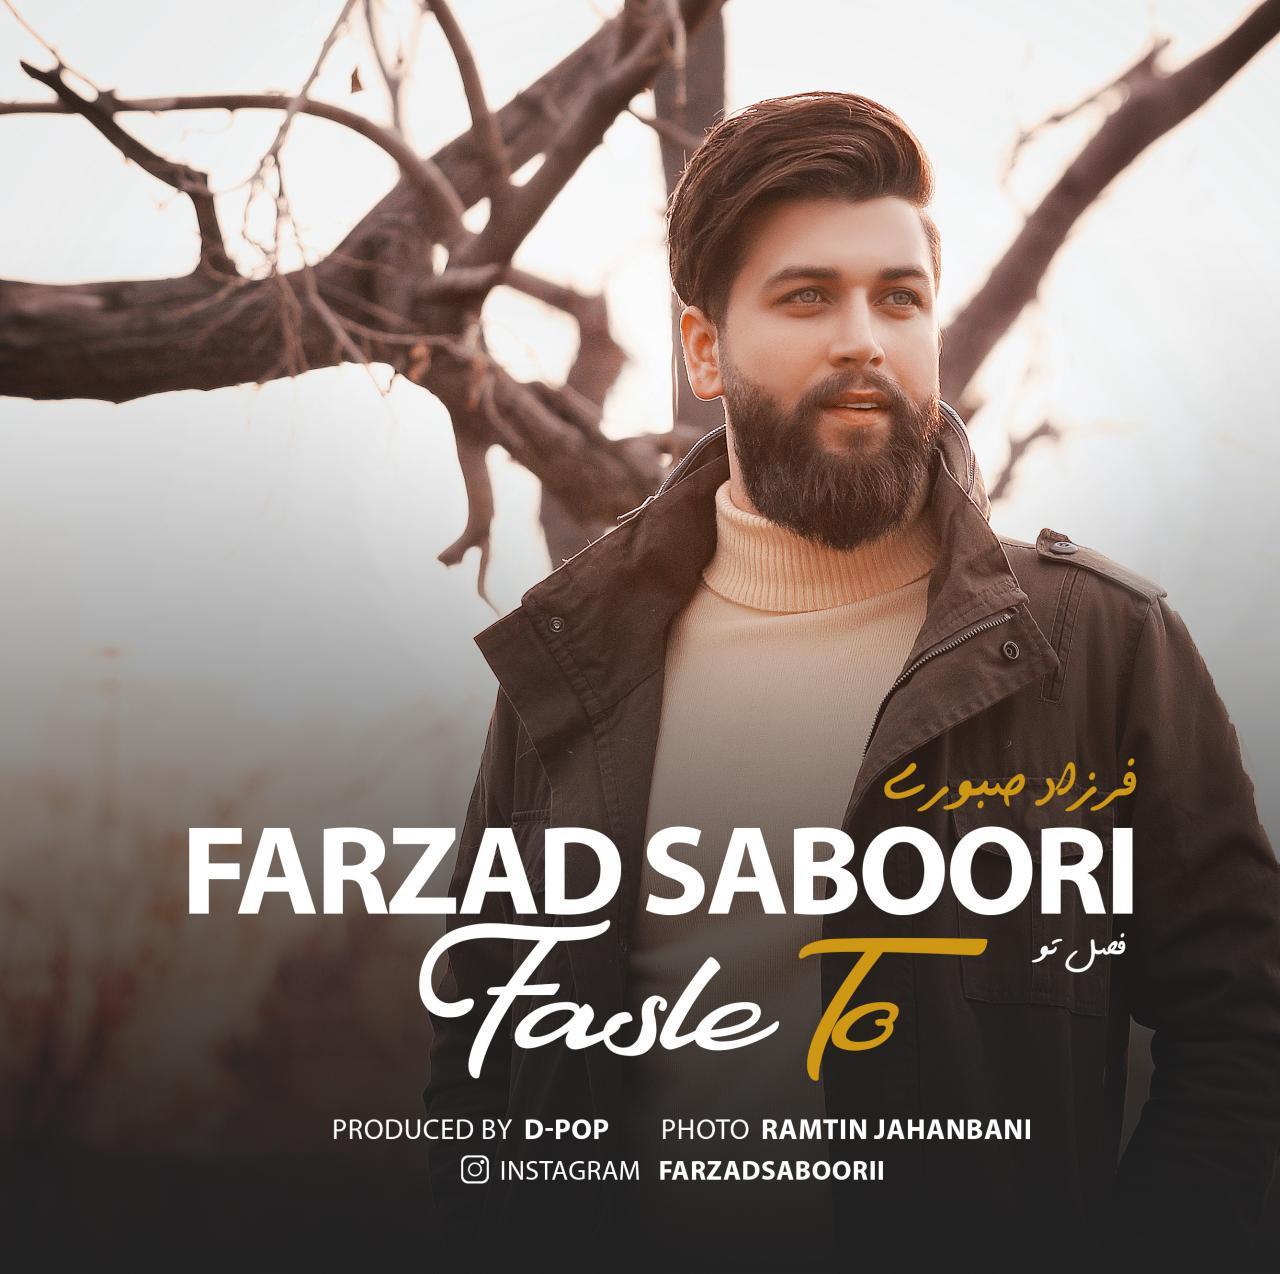 Farzad Saboori – Fasle To